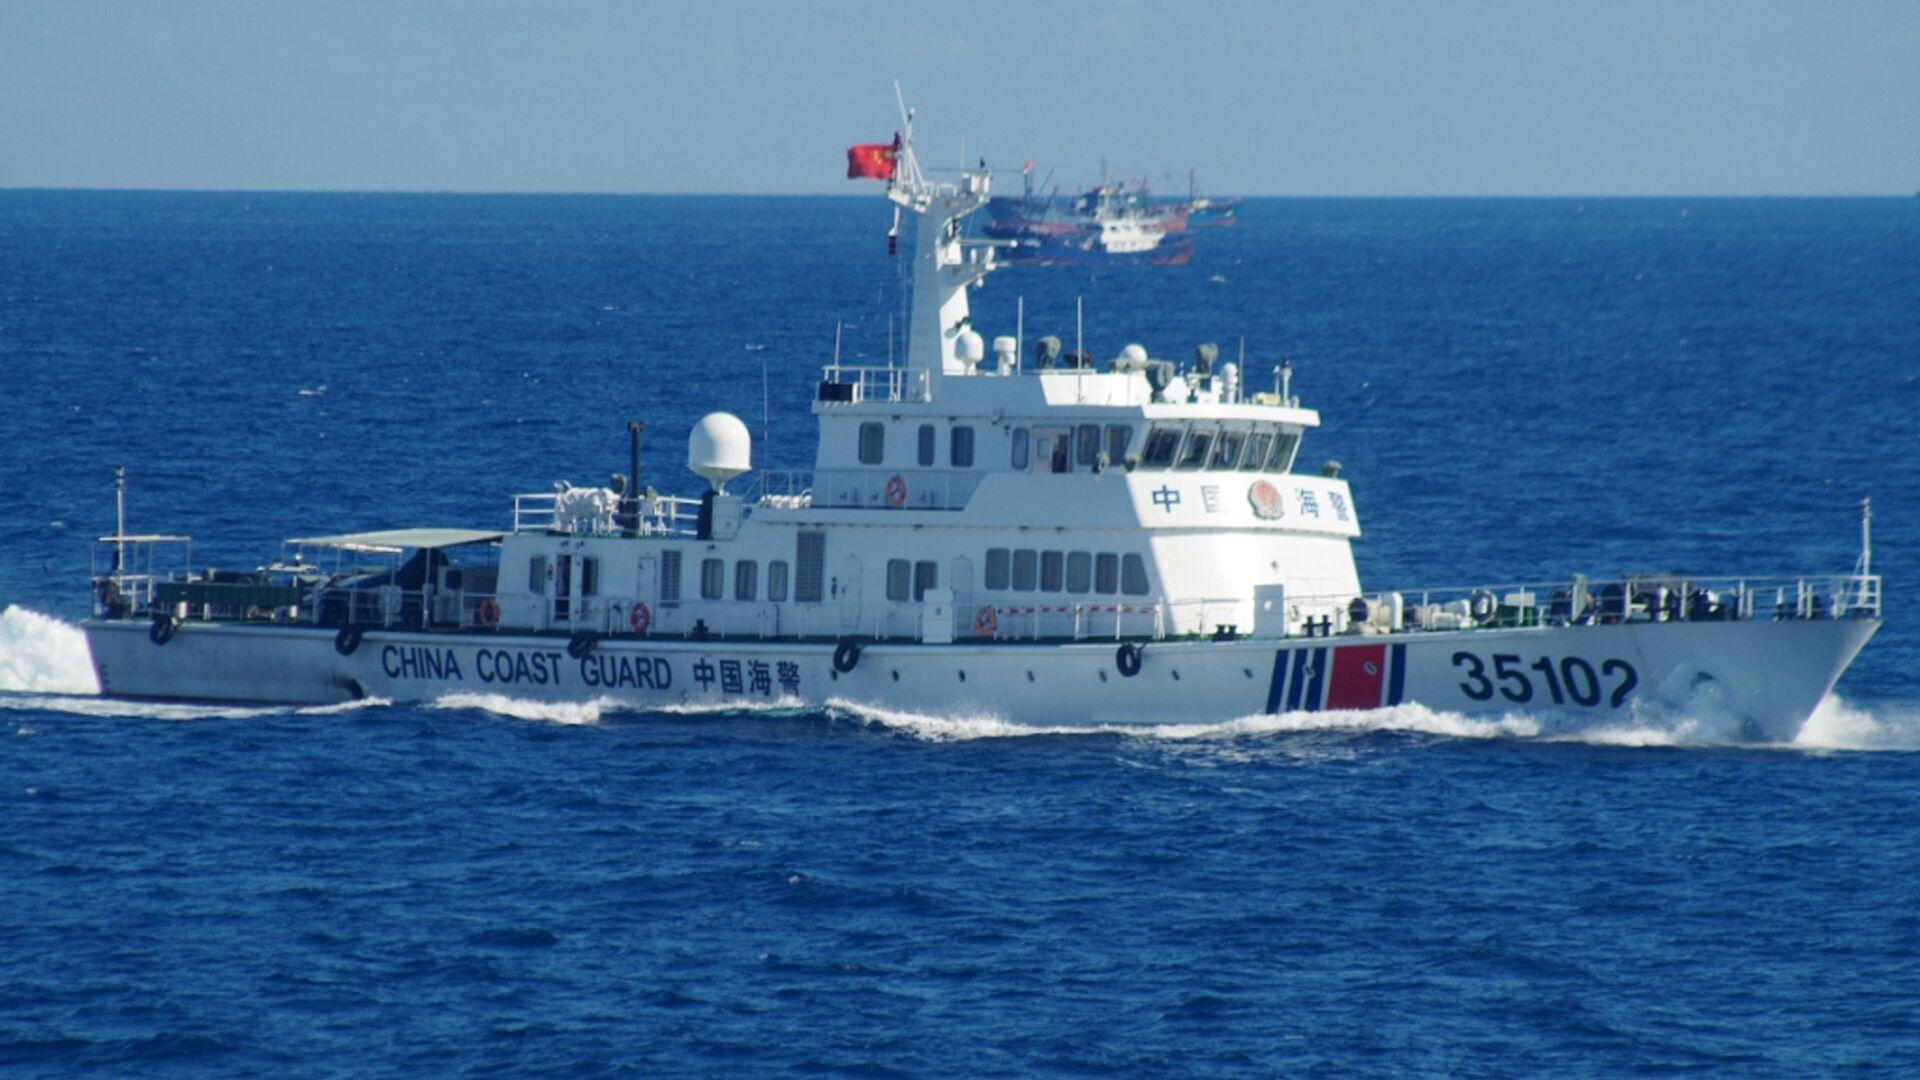 Buque de Guardia Costera de China cerca de las islas Senkaku (o Diaoyu, por su nombre en chino) (archivo) - Sputnik Mundo, 1920, 14.07.2021